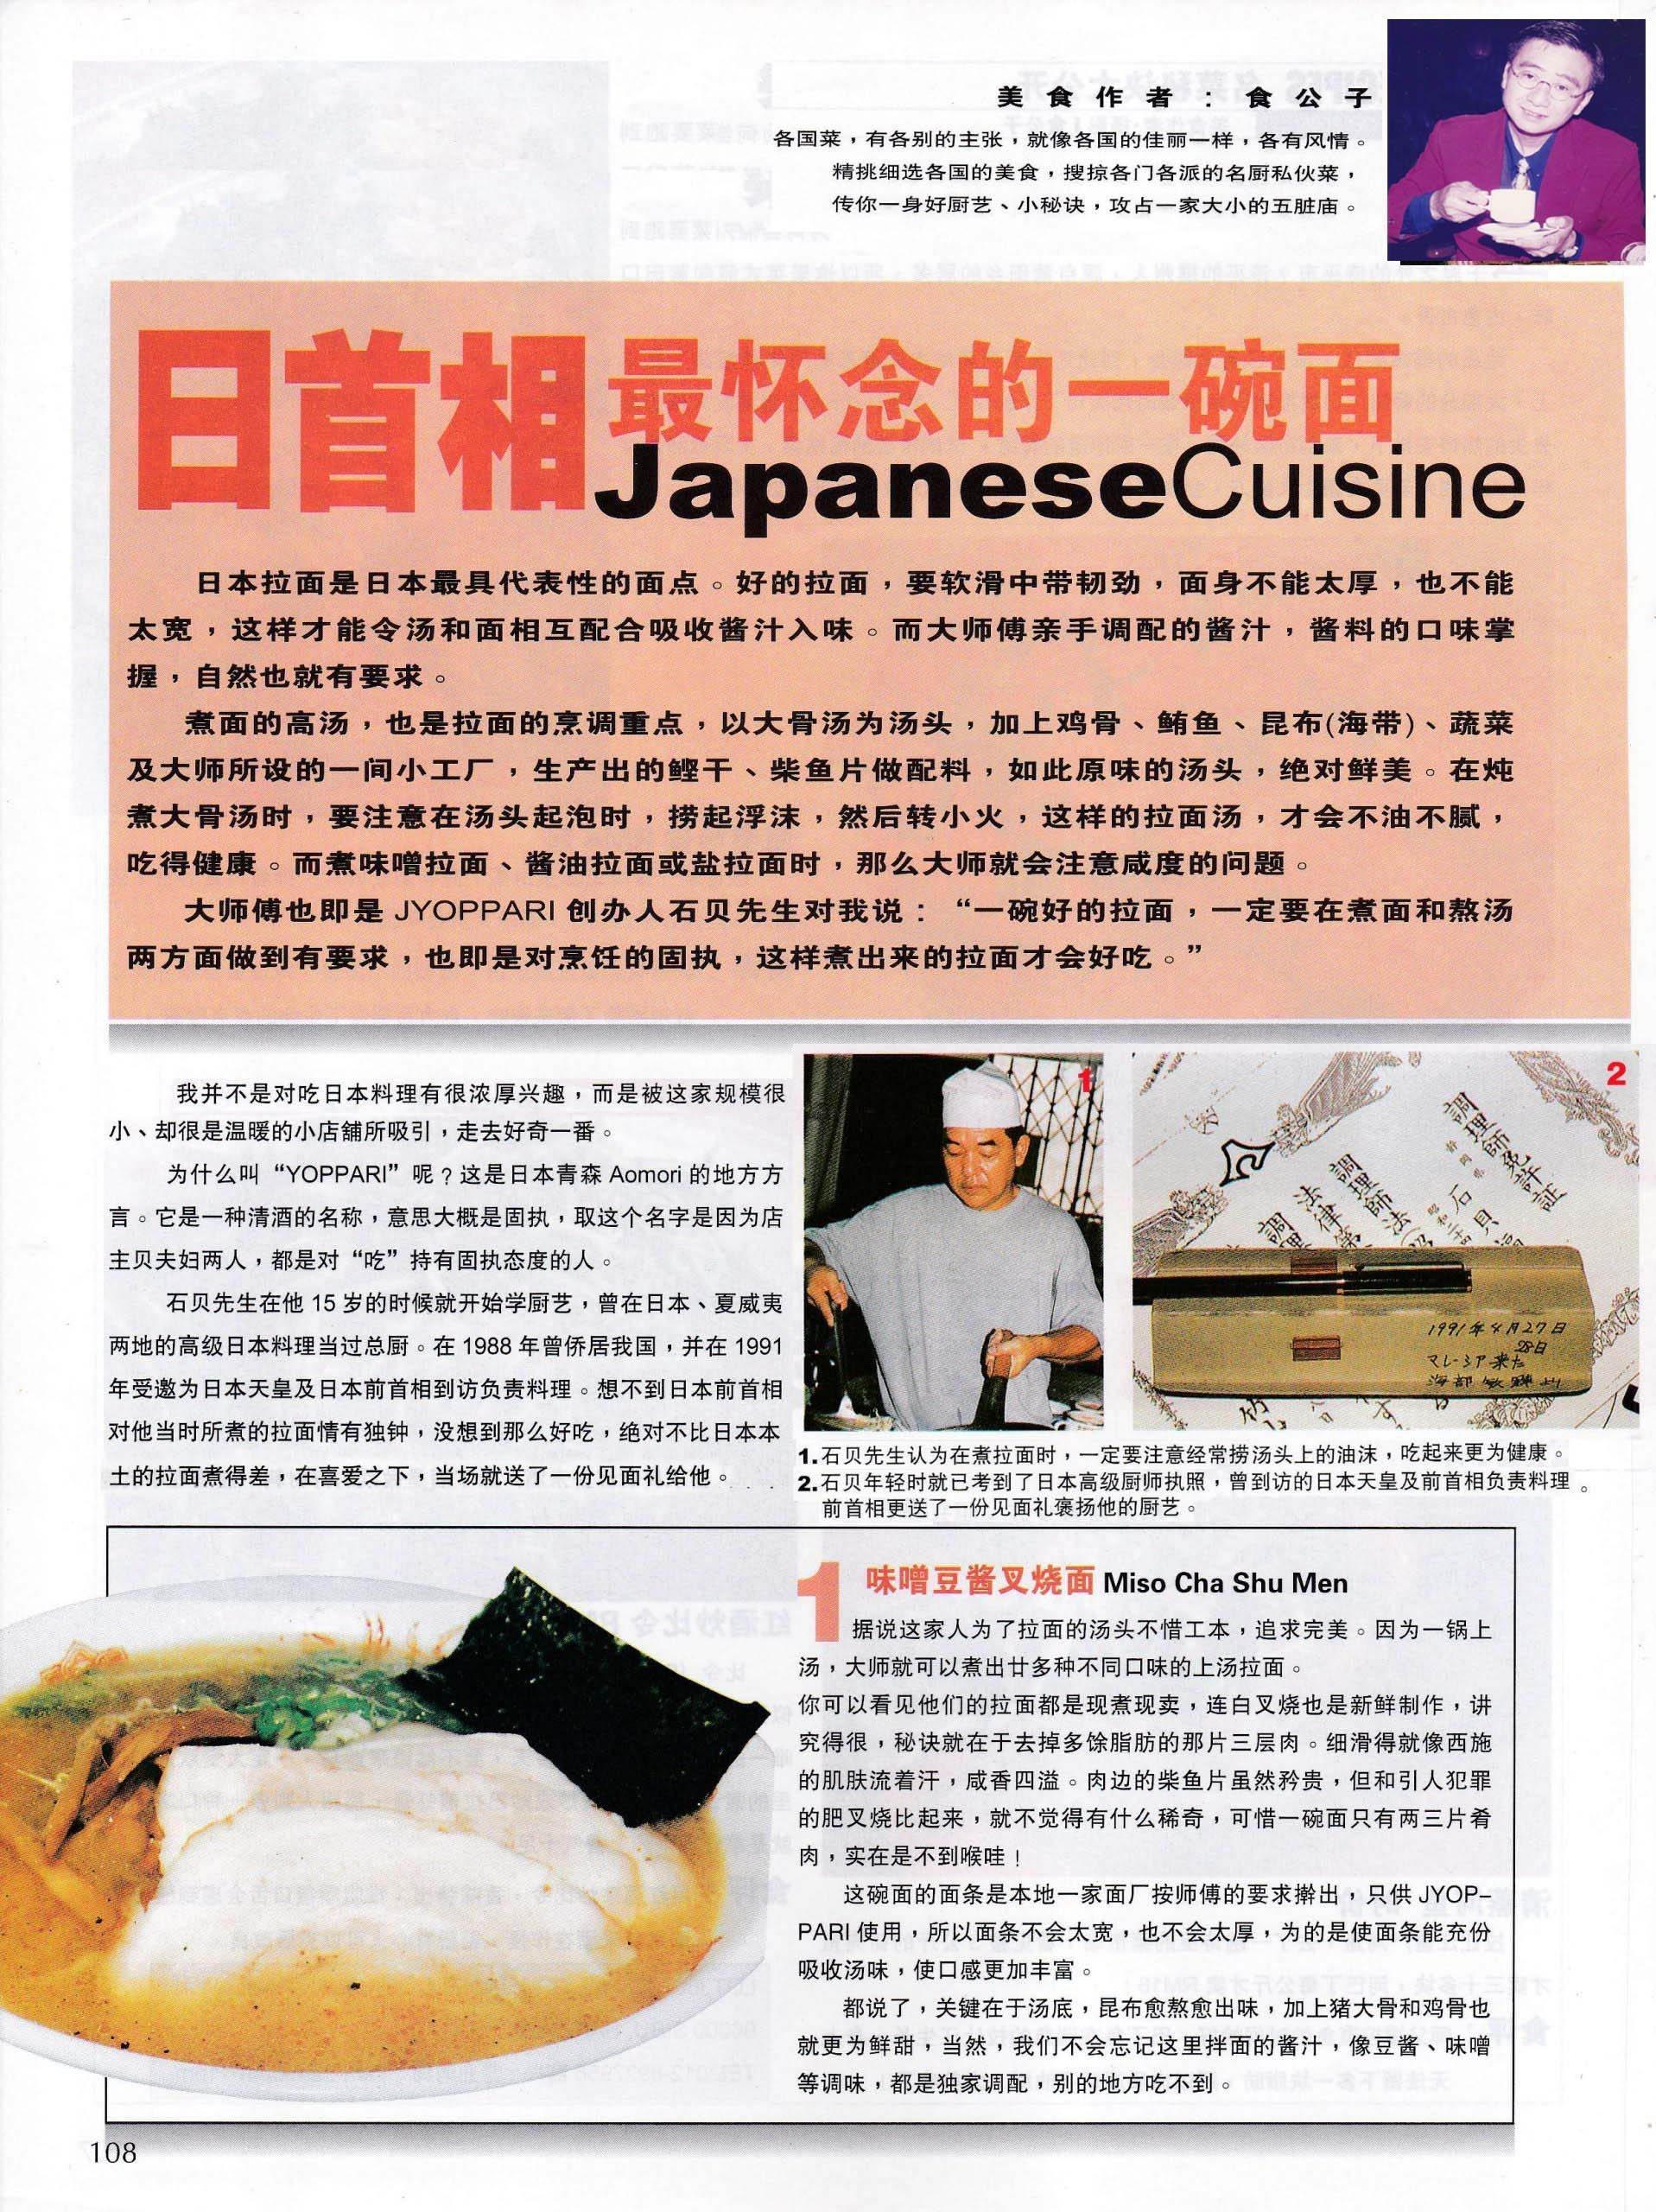 世界美食大师食公子:一级大厨的厨艺